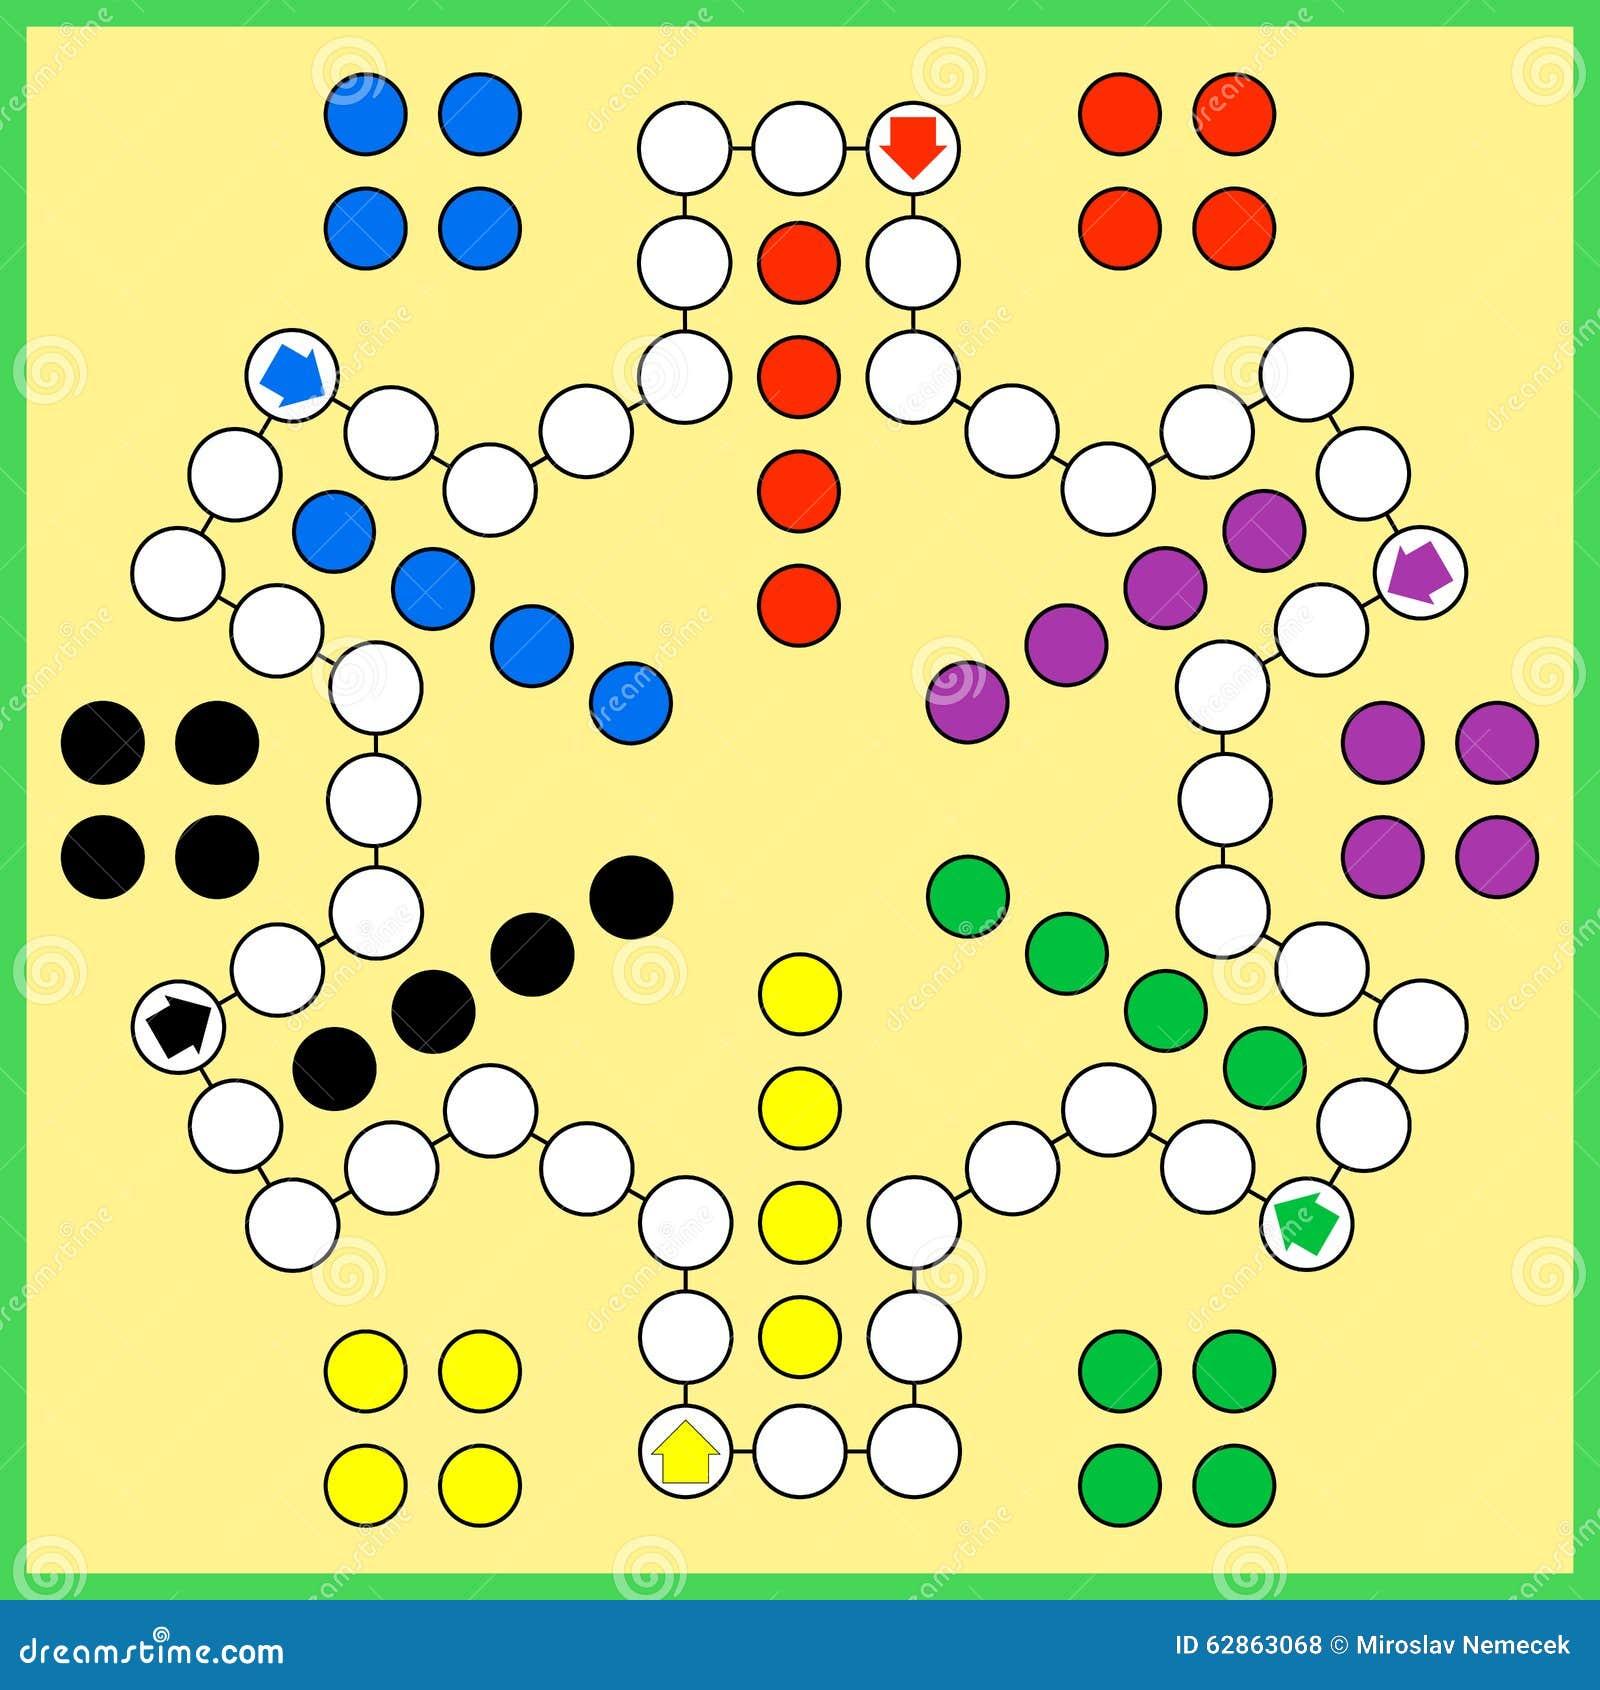 online casino de dice online